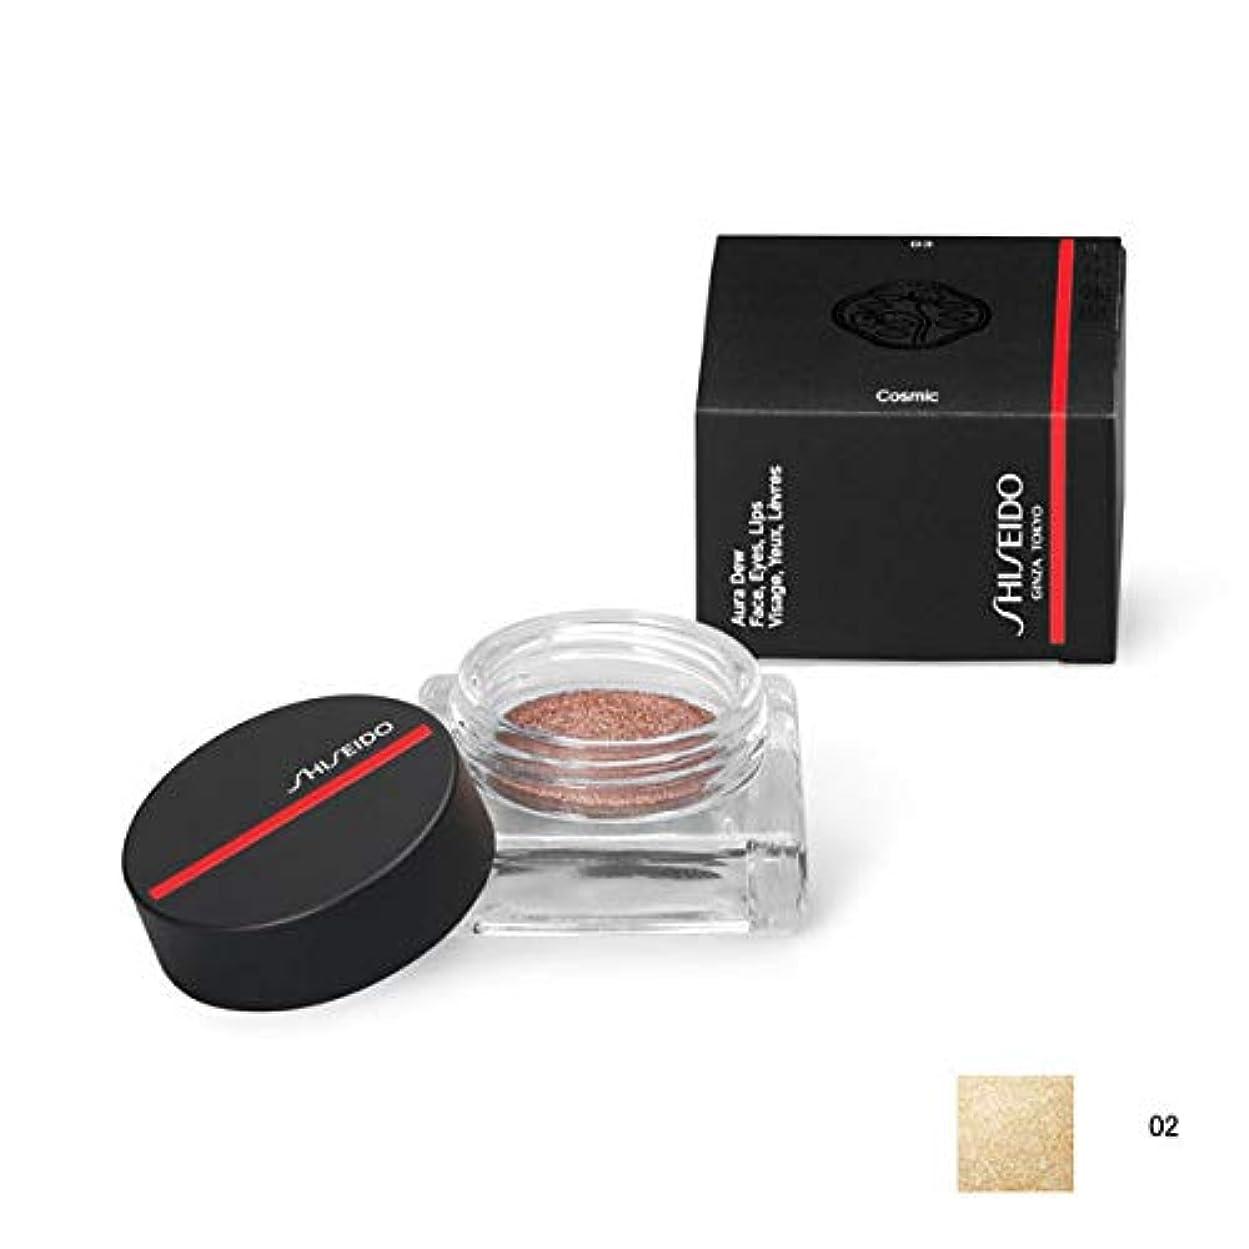 振り返る風景稼ぐSHISEIDO Makeup(資生堂 メーキャップ) SHISEIDO(資生堂) SHISEIDO オーラデュウ プリズム 4.8g (02)